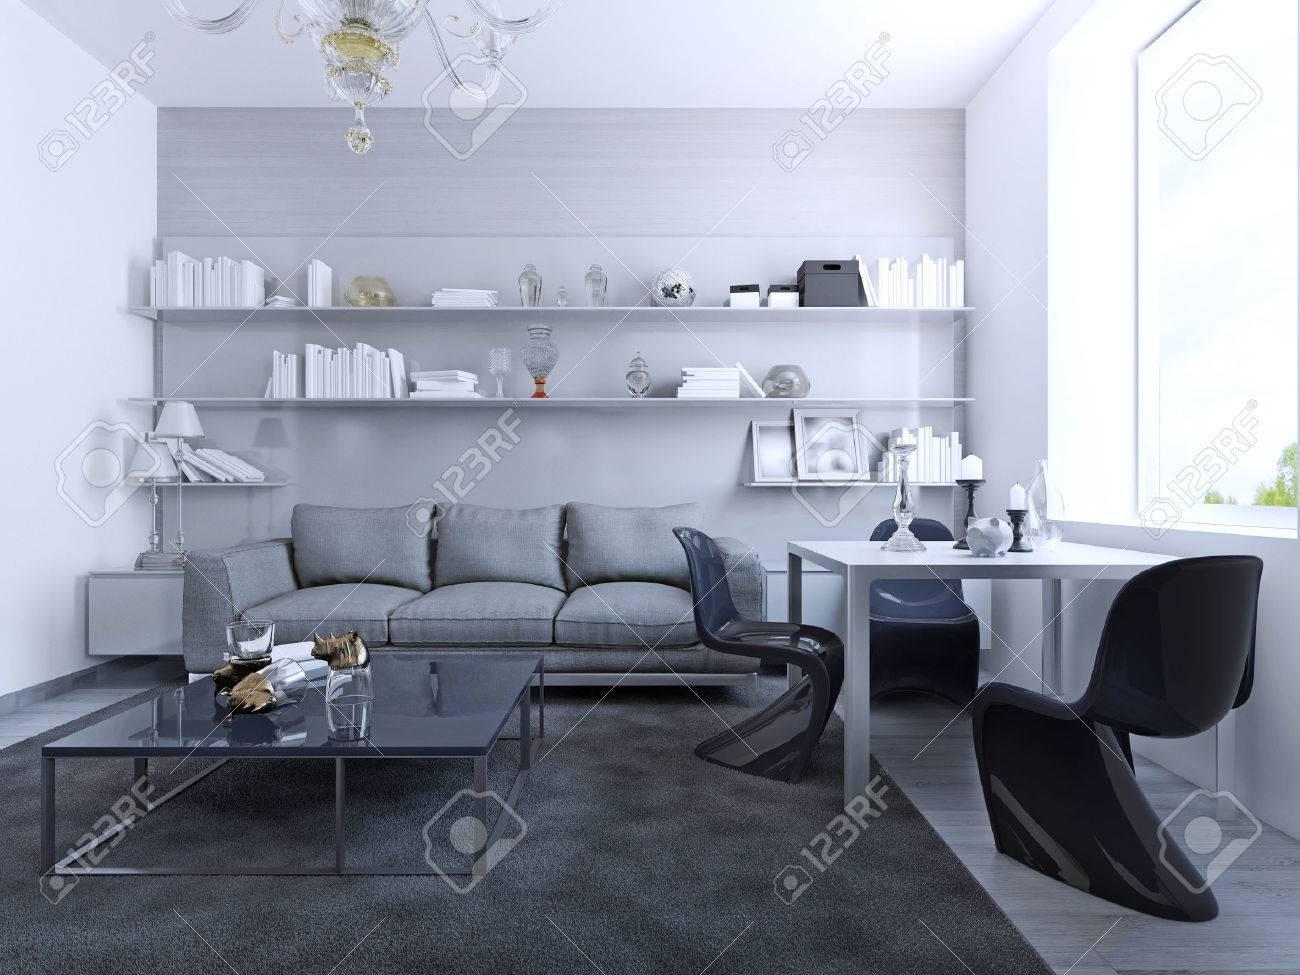 Bemerkenswert Esstisch Wohnzimmer Sammlung Von Mit Blick Auf Mit Esstisch. Modernes Design